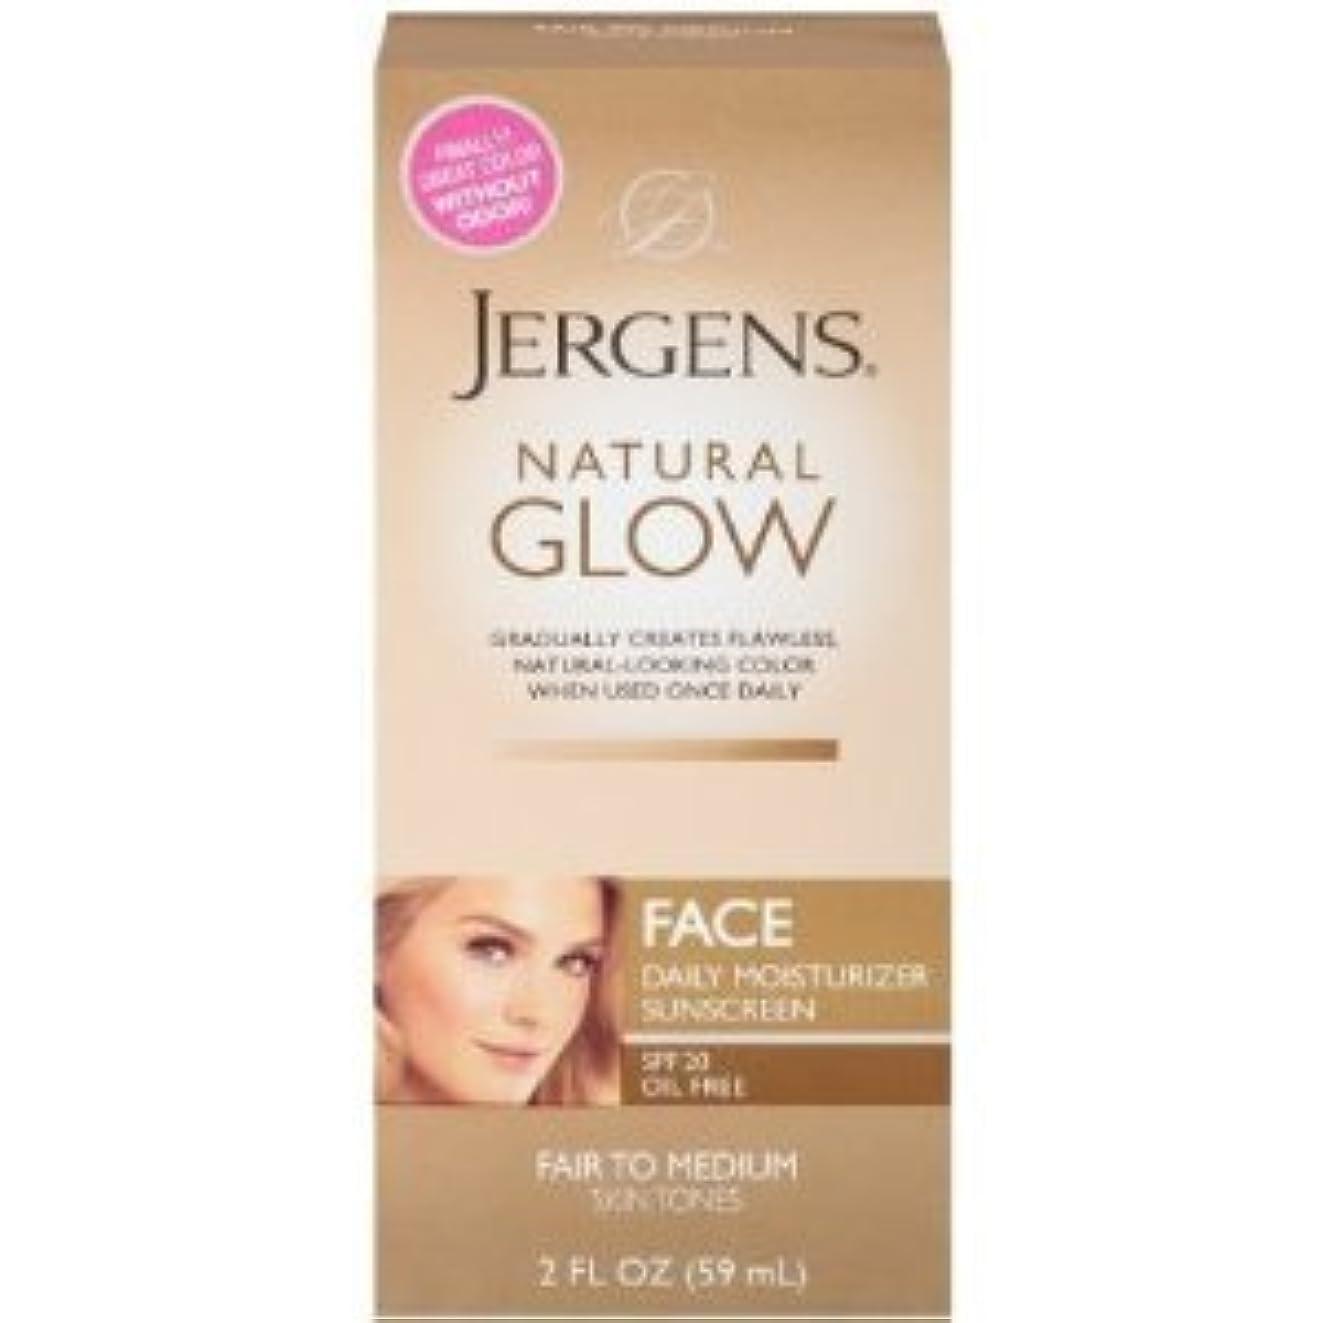 すき原因歩き回るNatural Glow Healthy Complexion Daily Facial Moisturizer, SPF 20, Fair to Medium Tan, (59ml) (海外直送品)